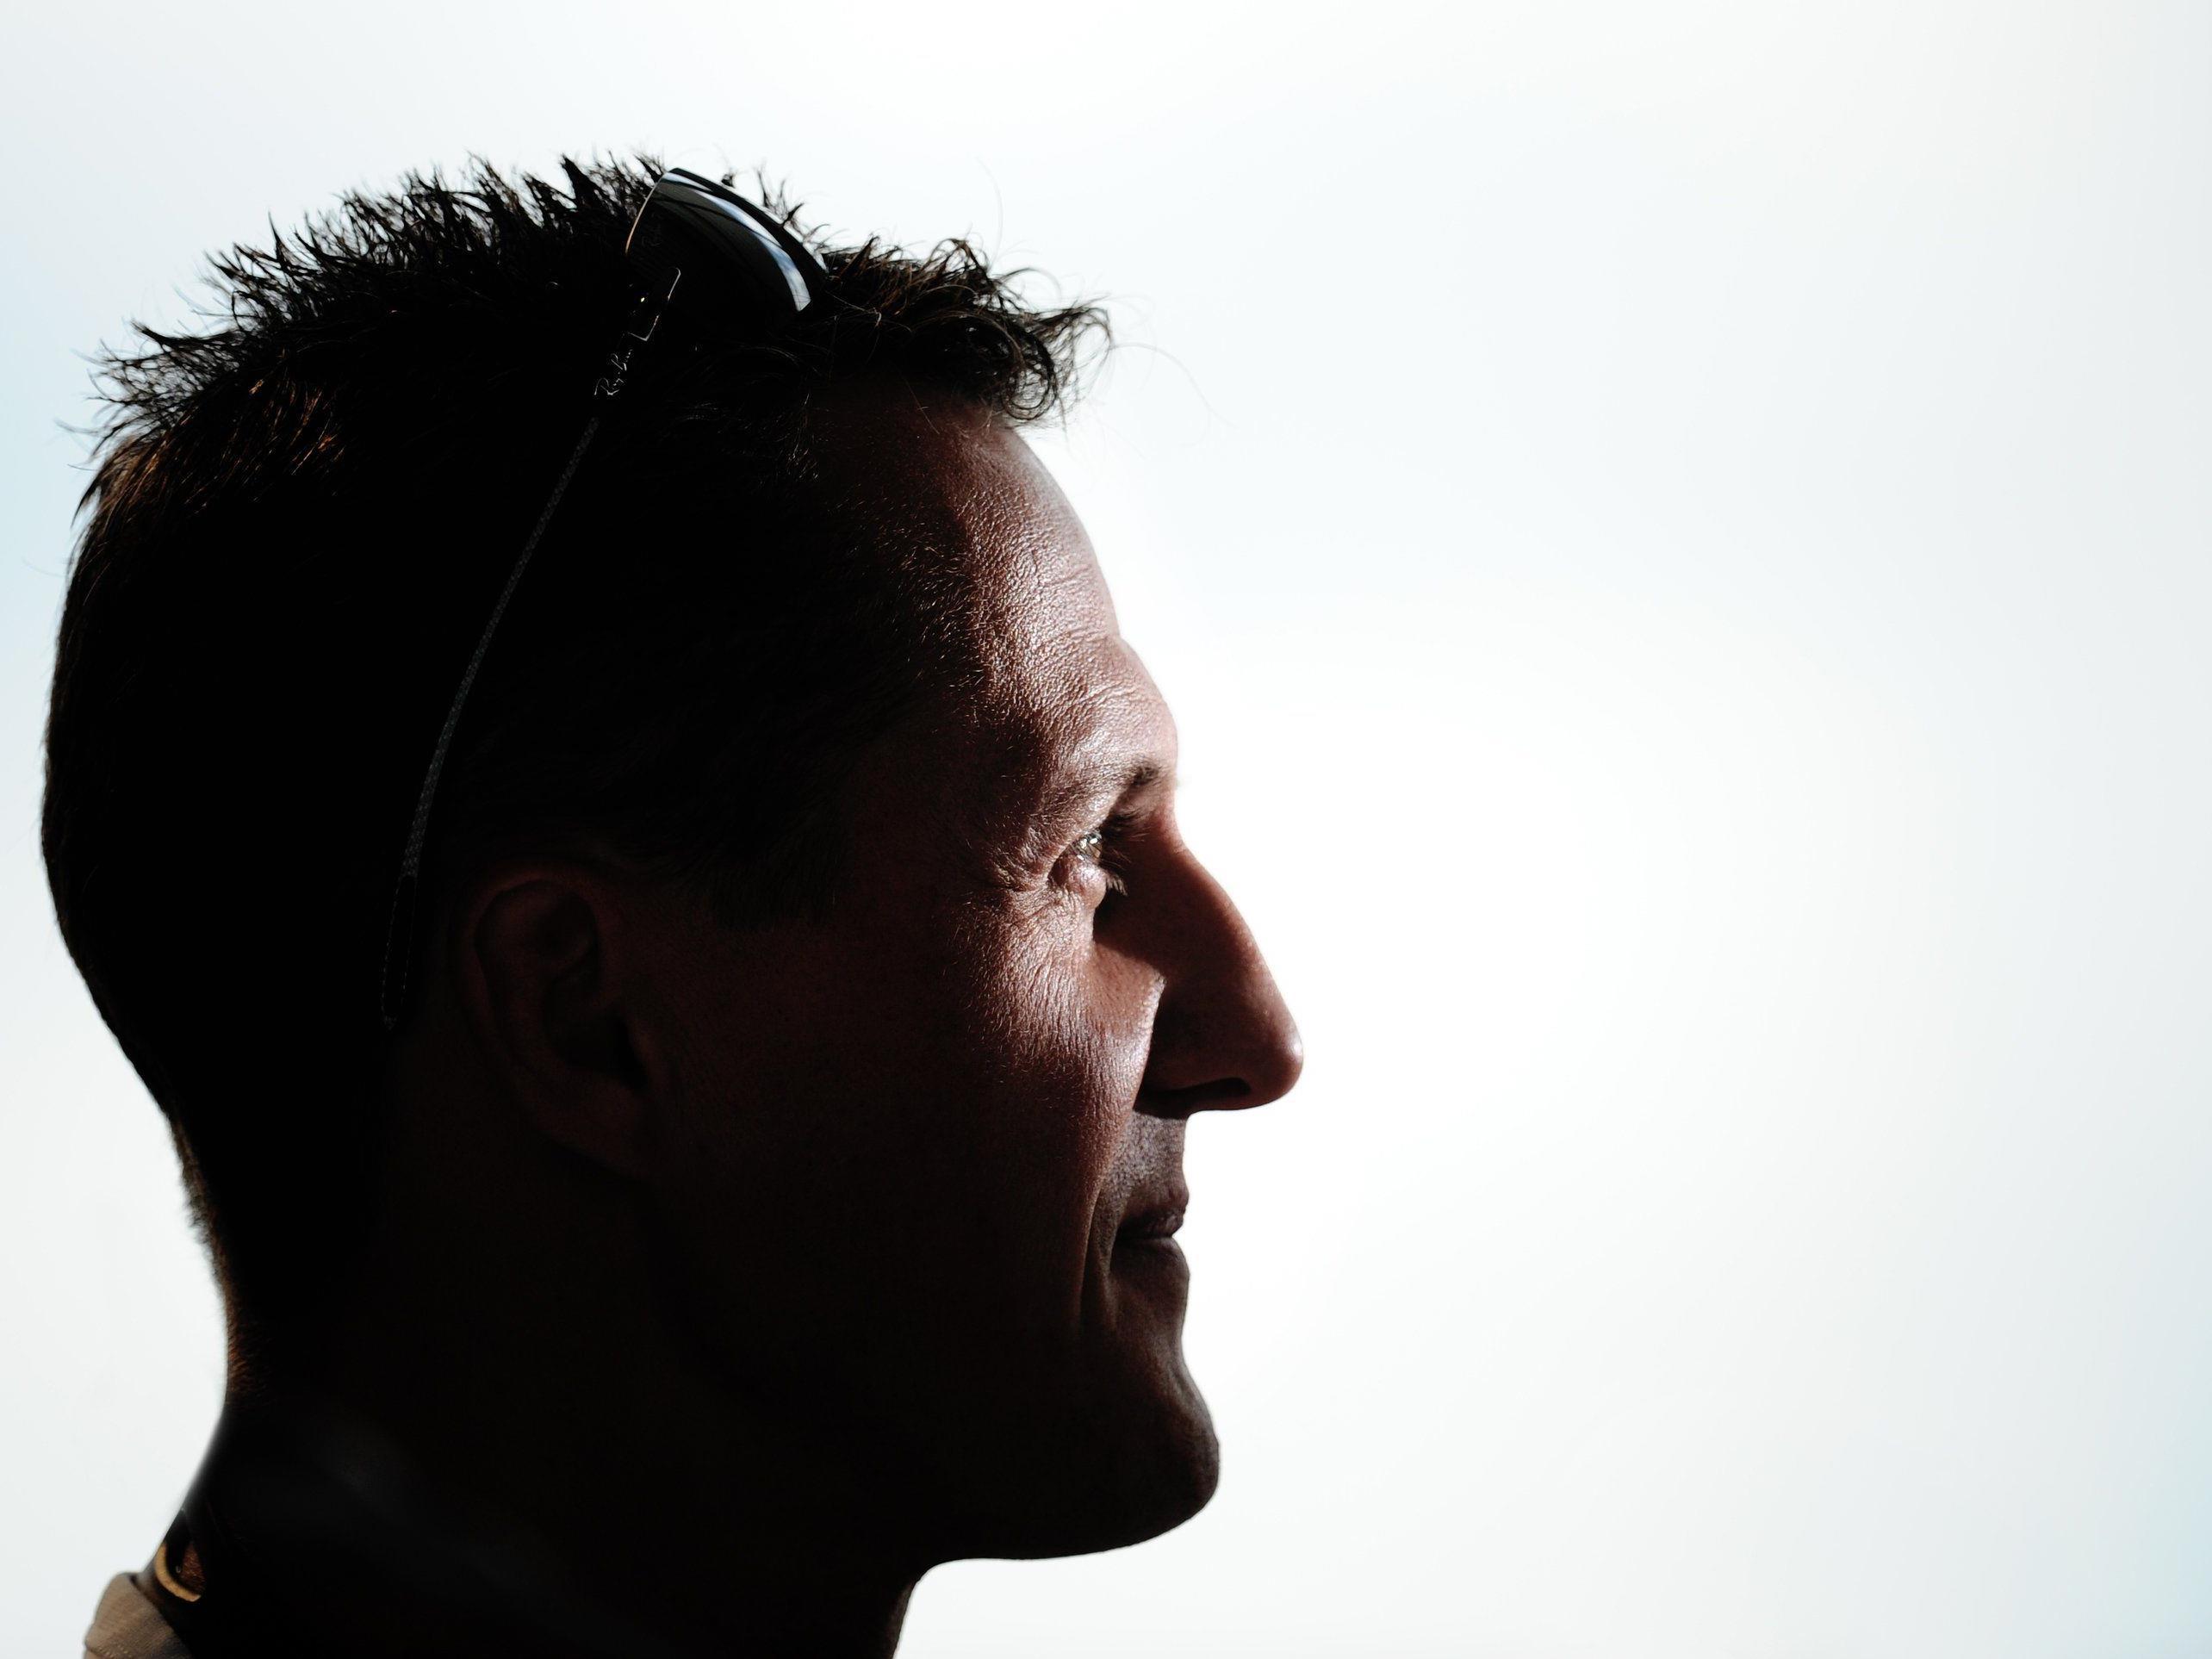 Zeitung berichtete, Schumacher könne wieder gehen - stimmt nicht, so dessen Managerin.